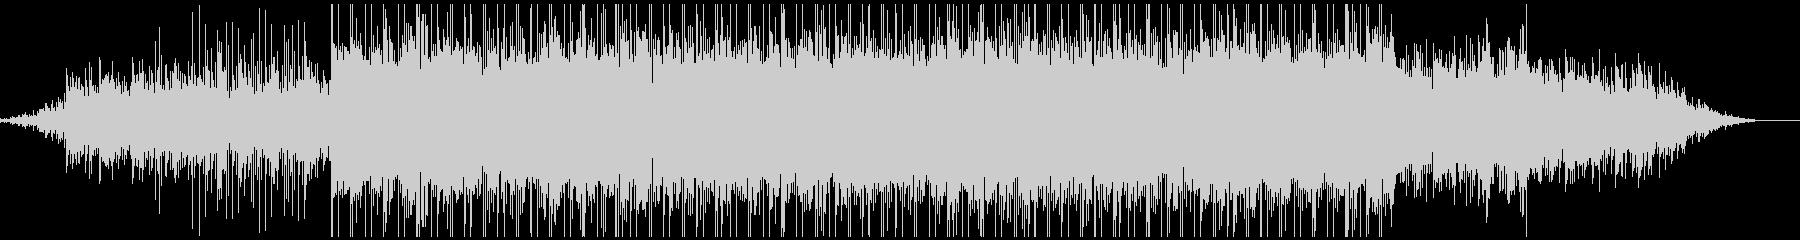 ピアノがきらきら綺麗なBGM4の未再生の波形